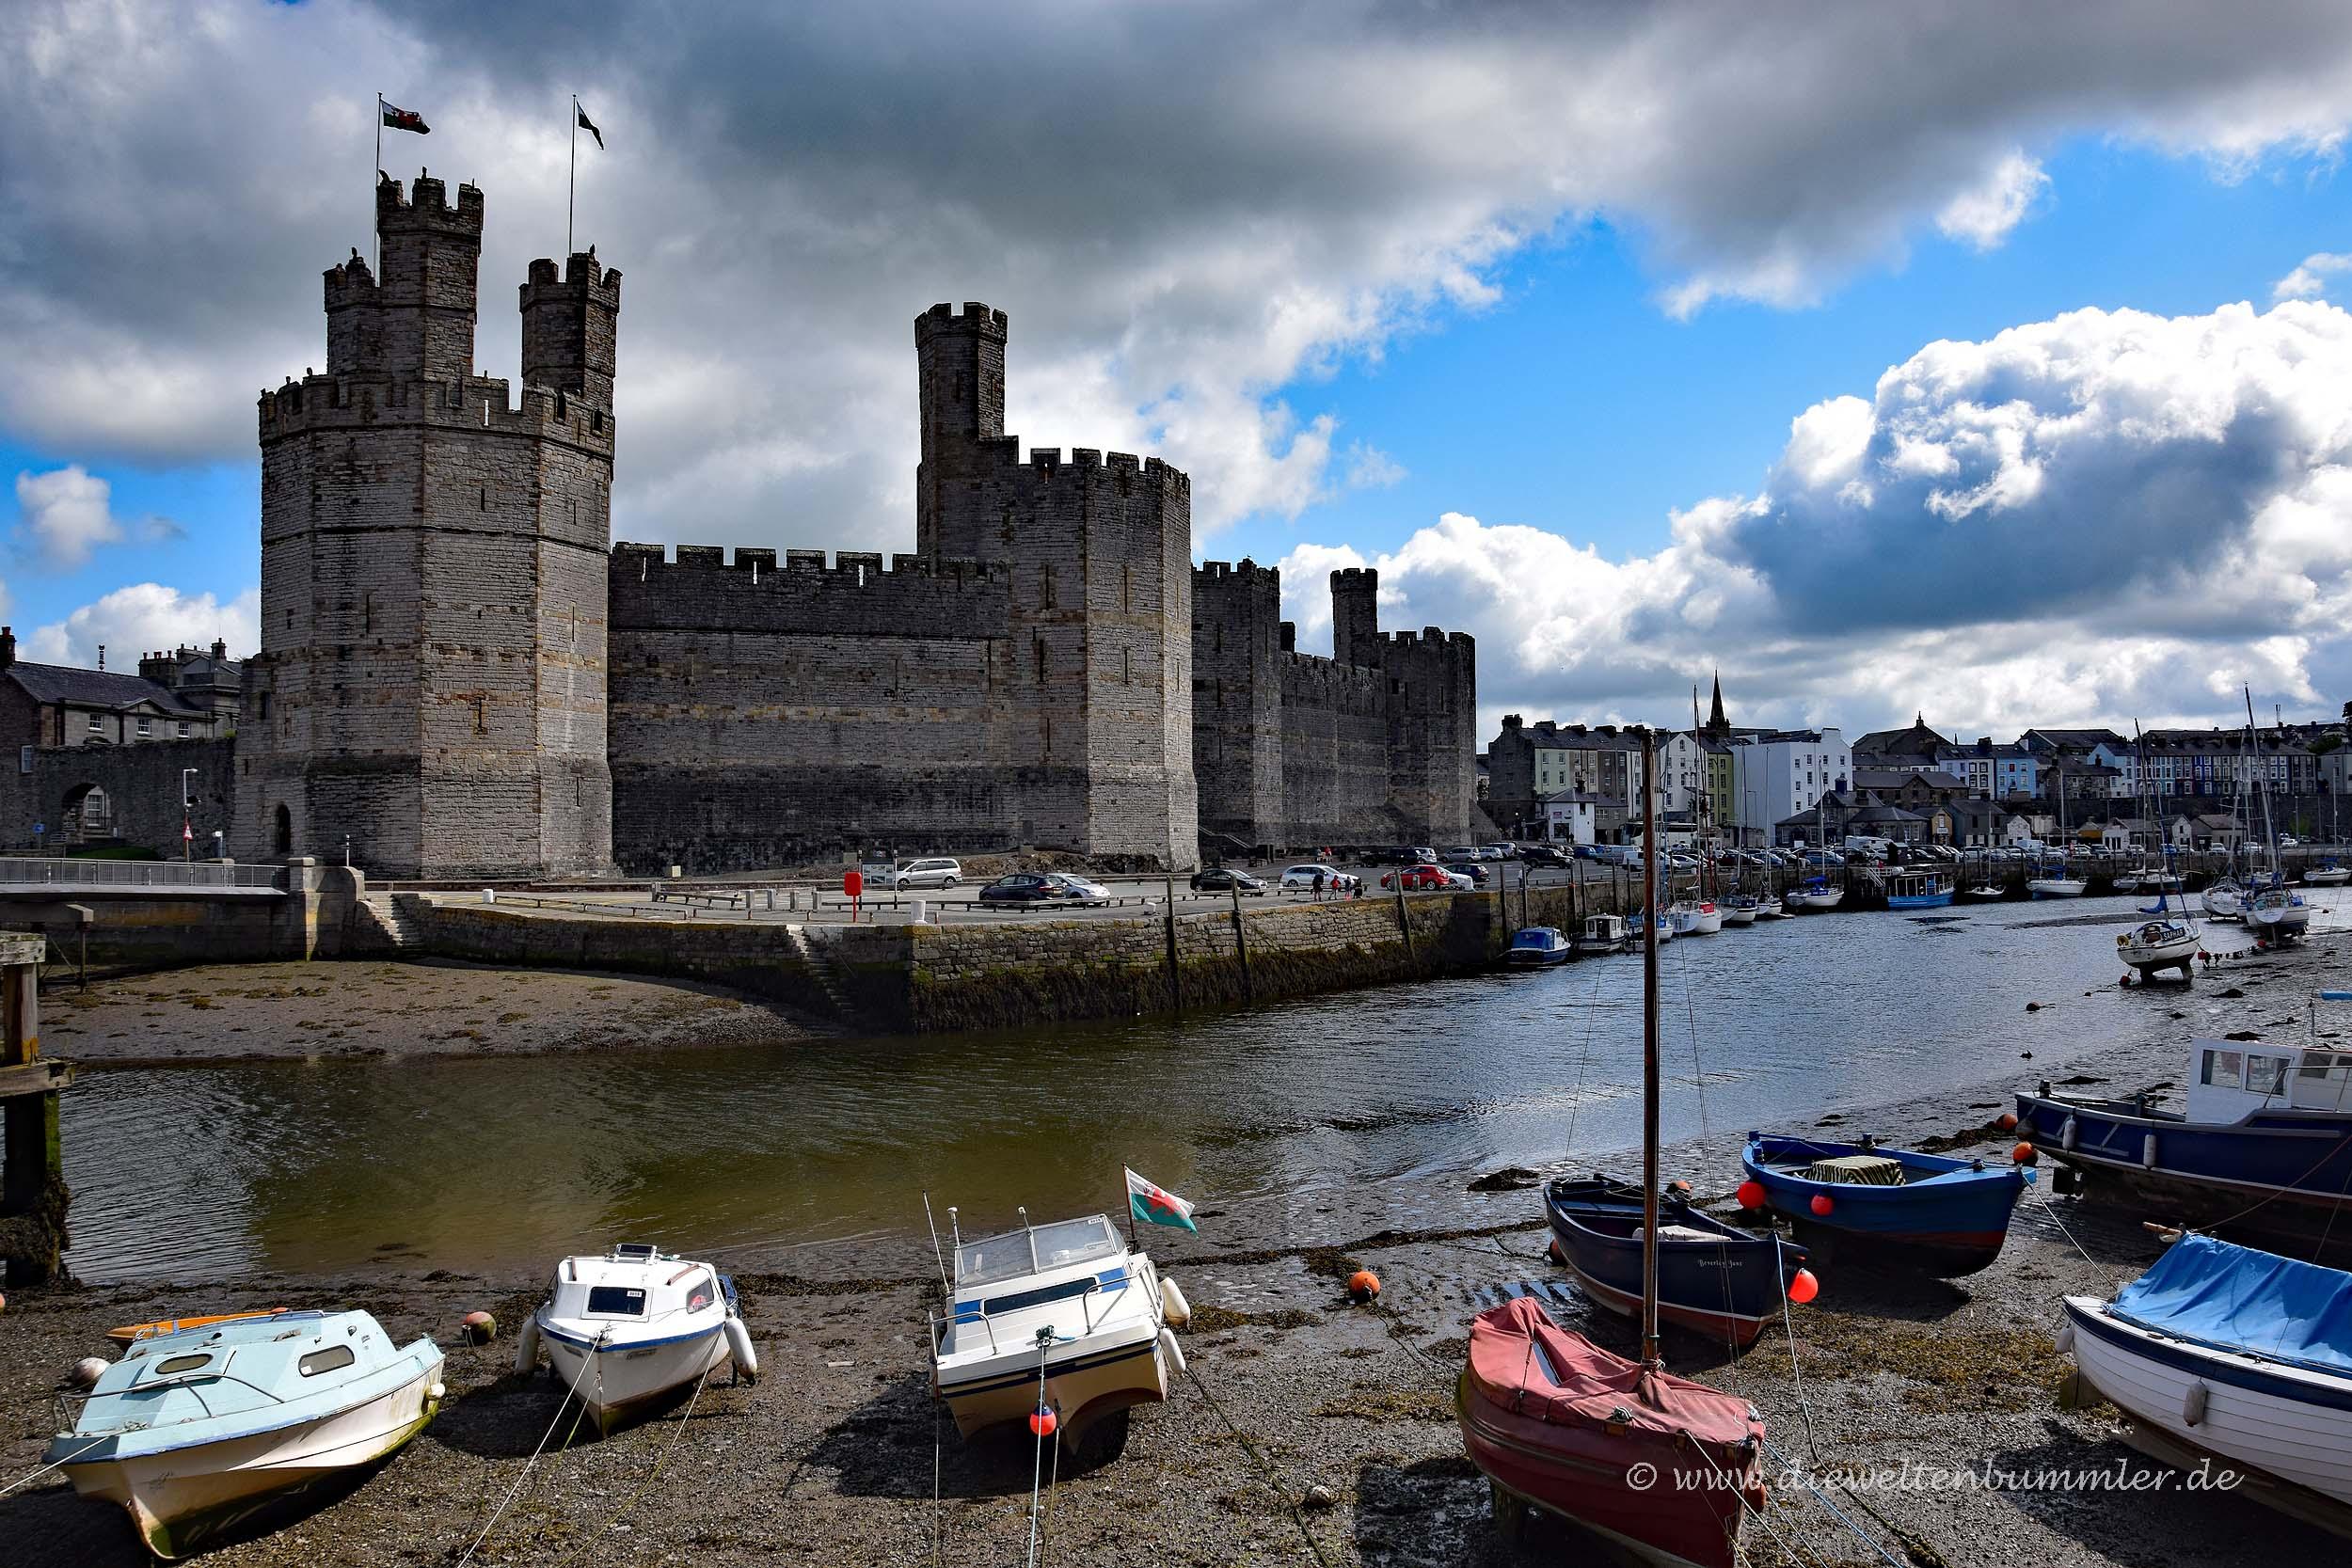 Flussmündung am Caernarfon Castle